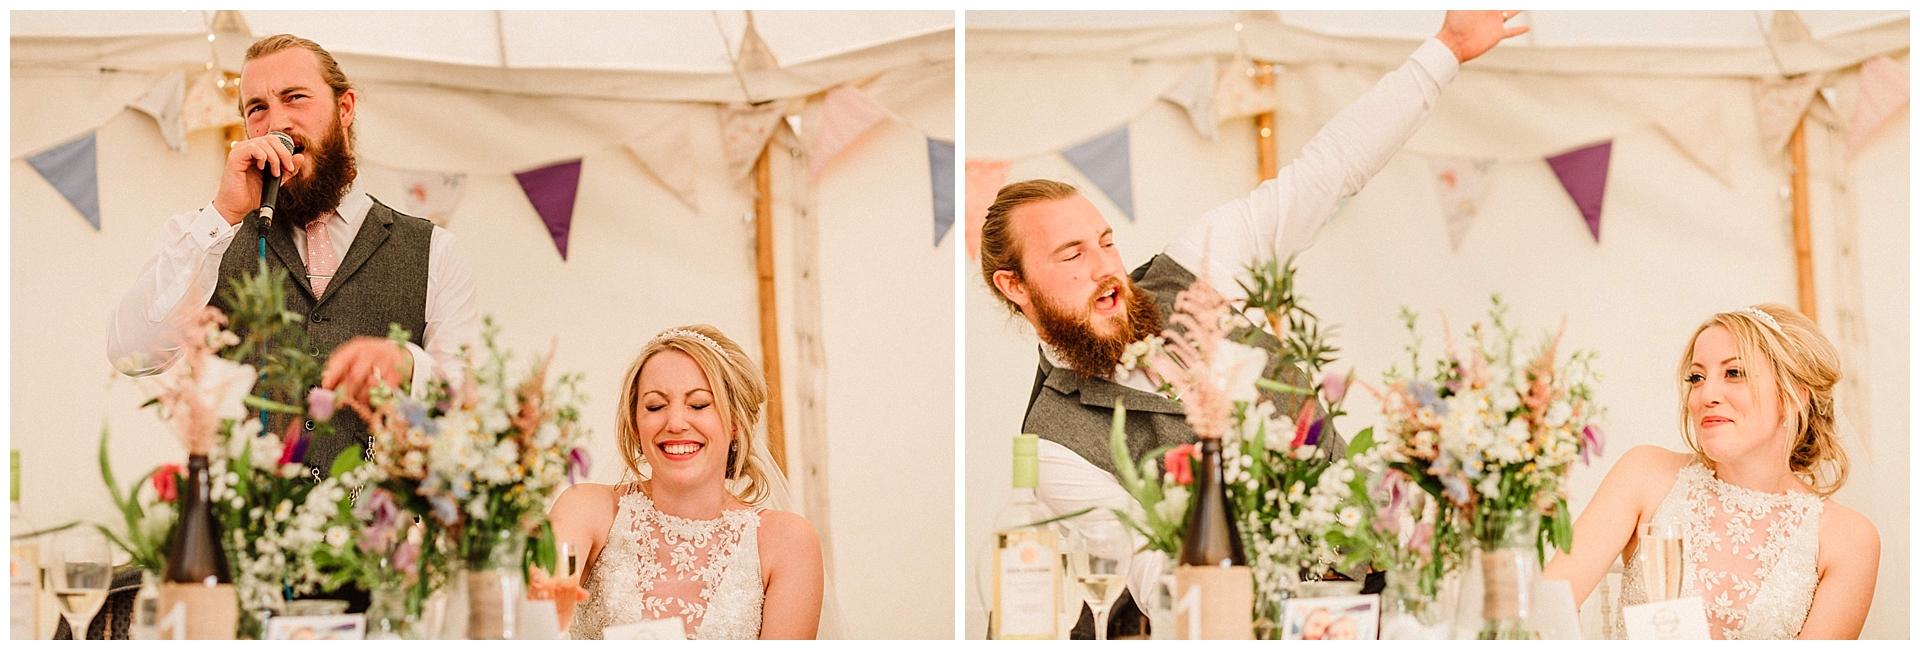 a groom giving a speech.jpg